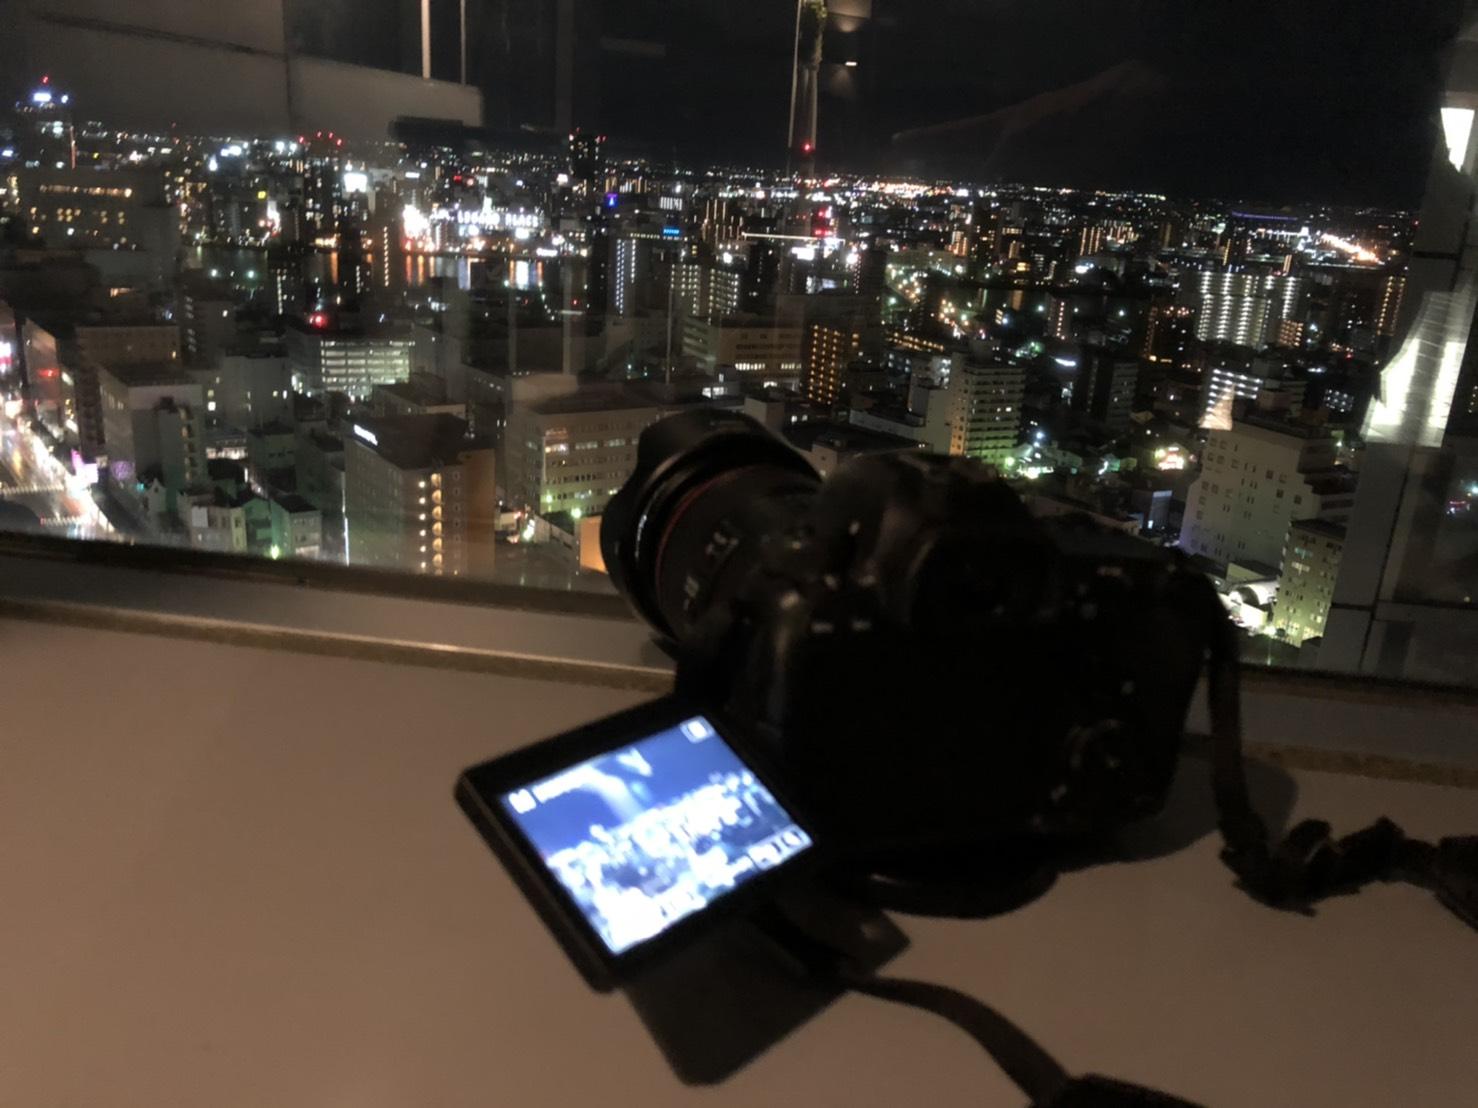 ビル夜景のためカメラを設置